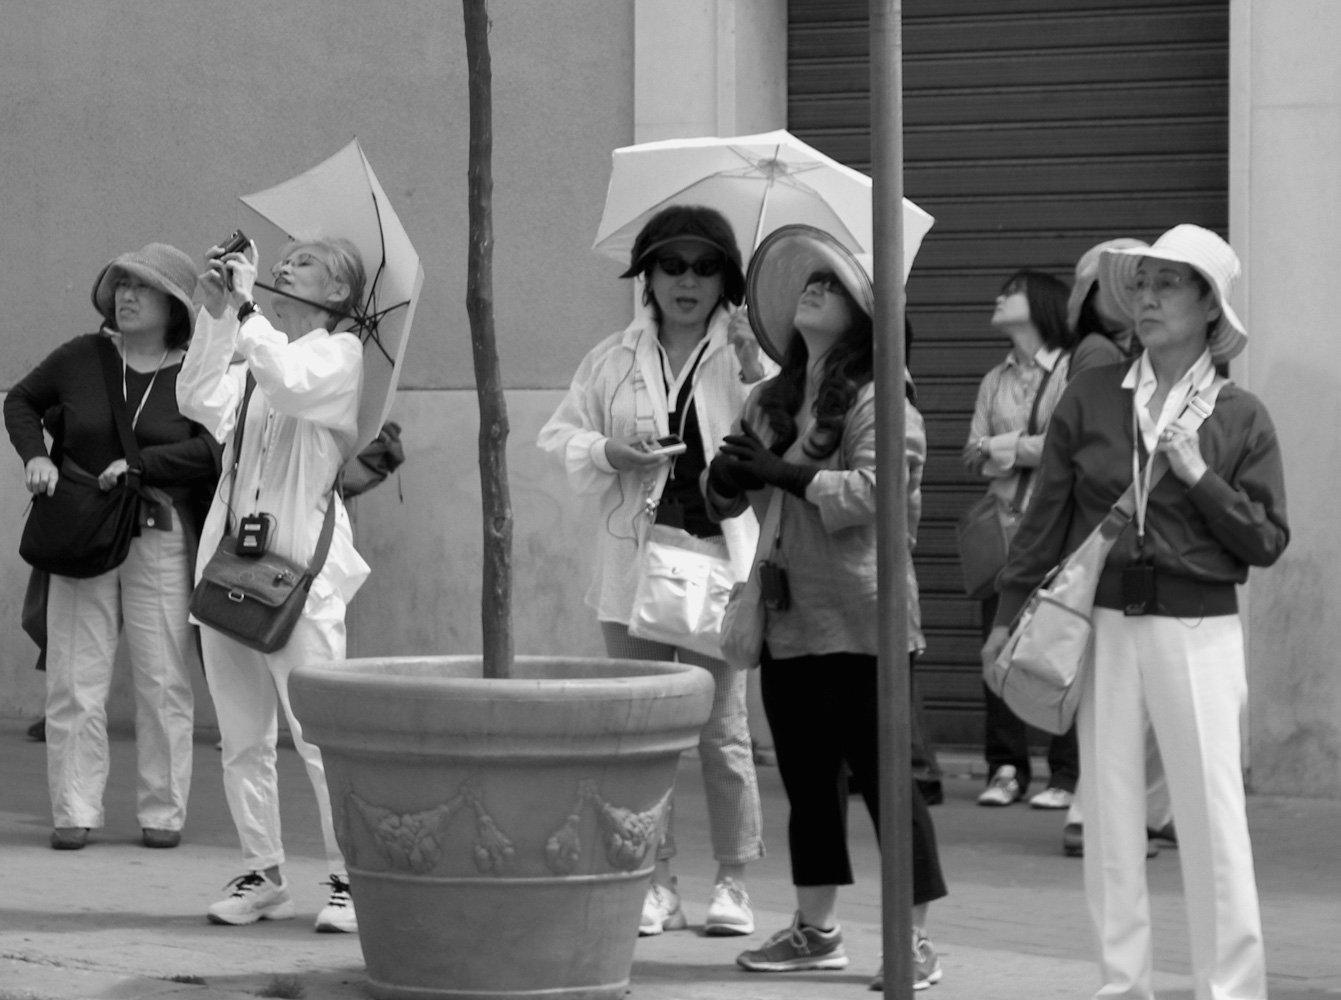 touristes1.jpg